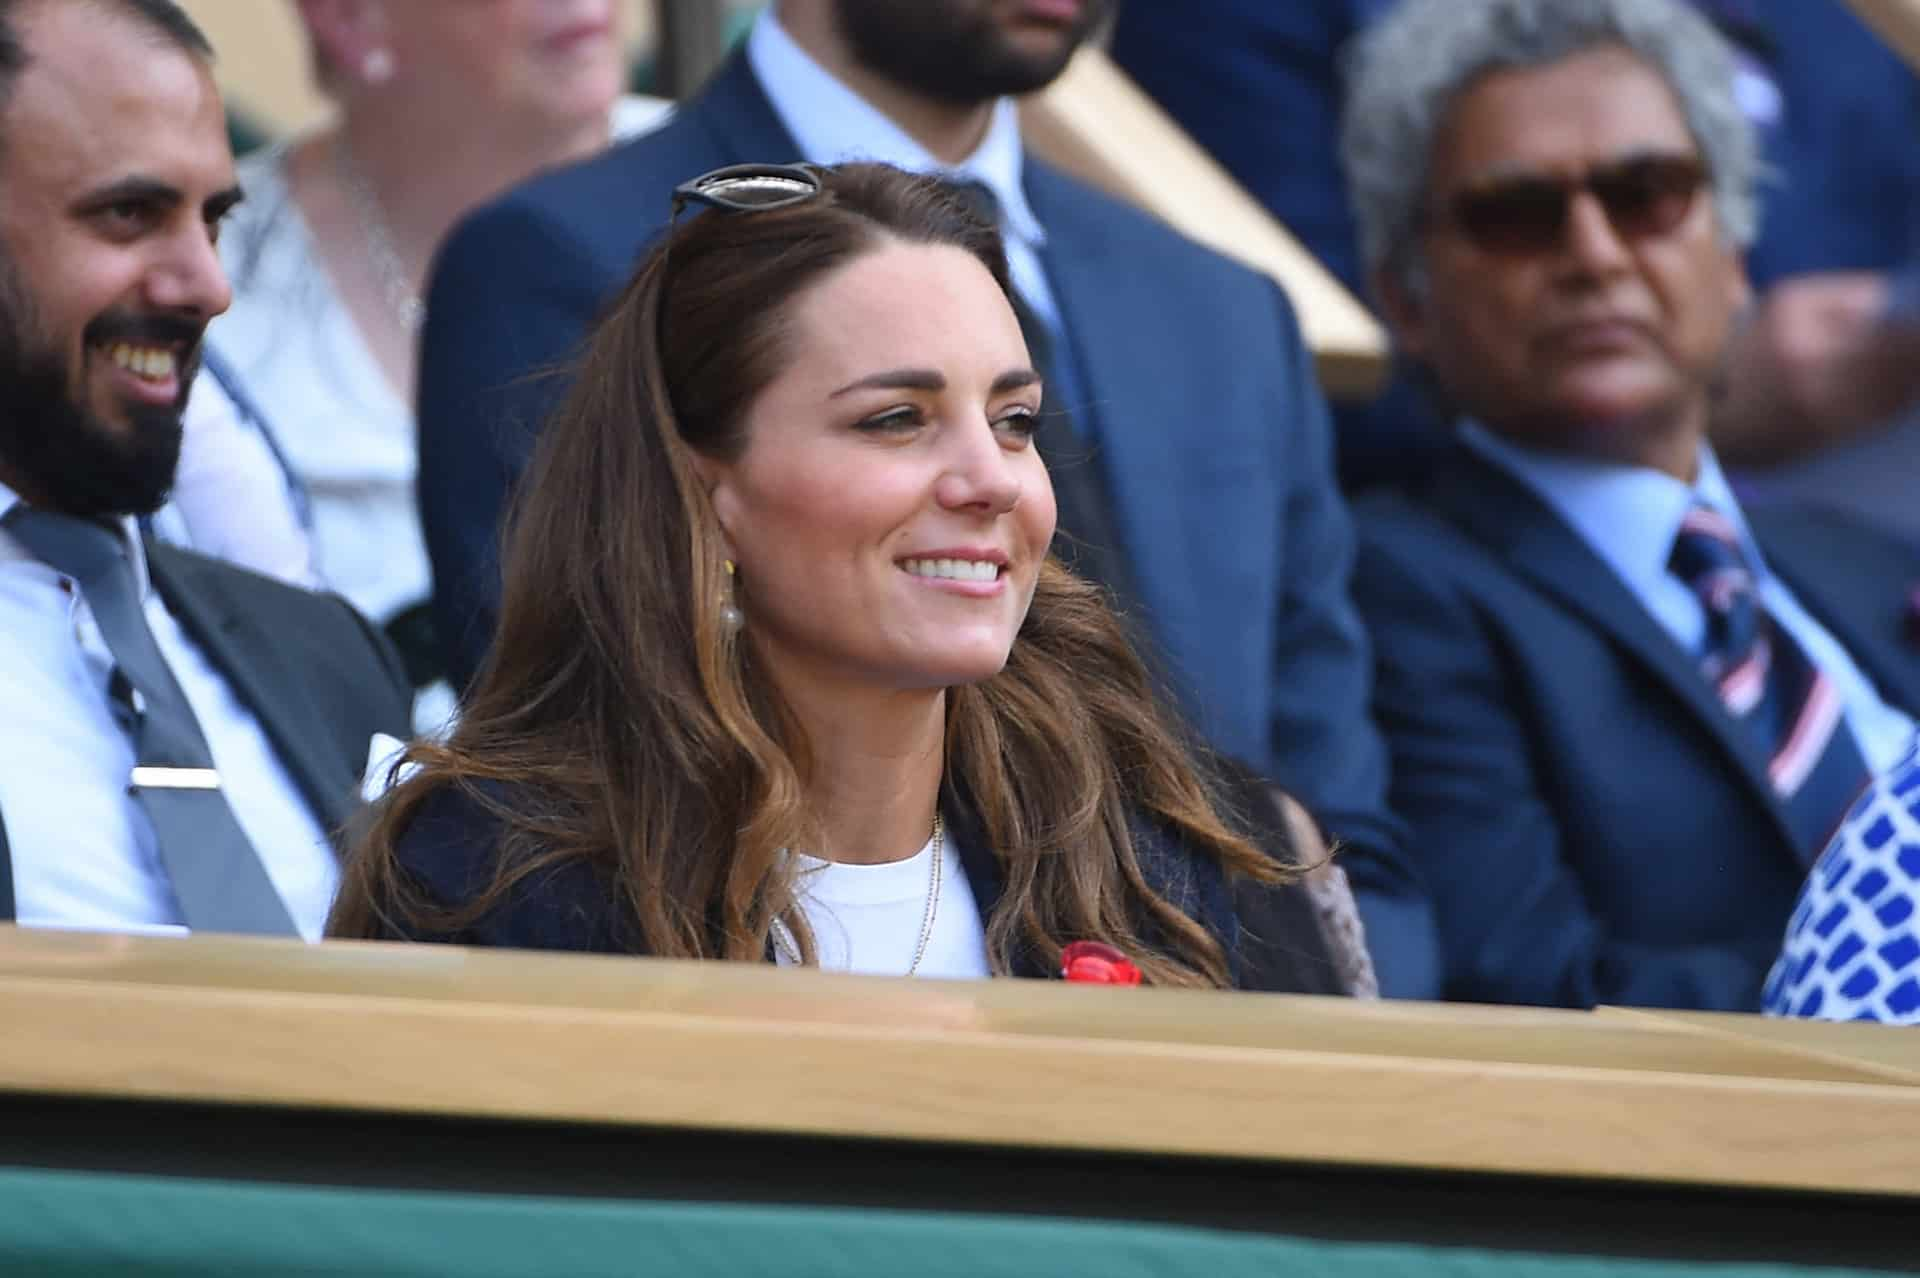 Herzogin Kate: In diesem Moment war sie einmal nicht perfekt